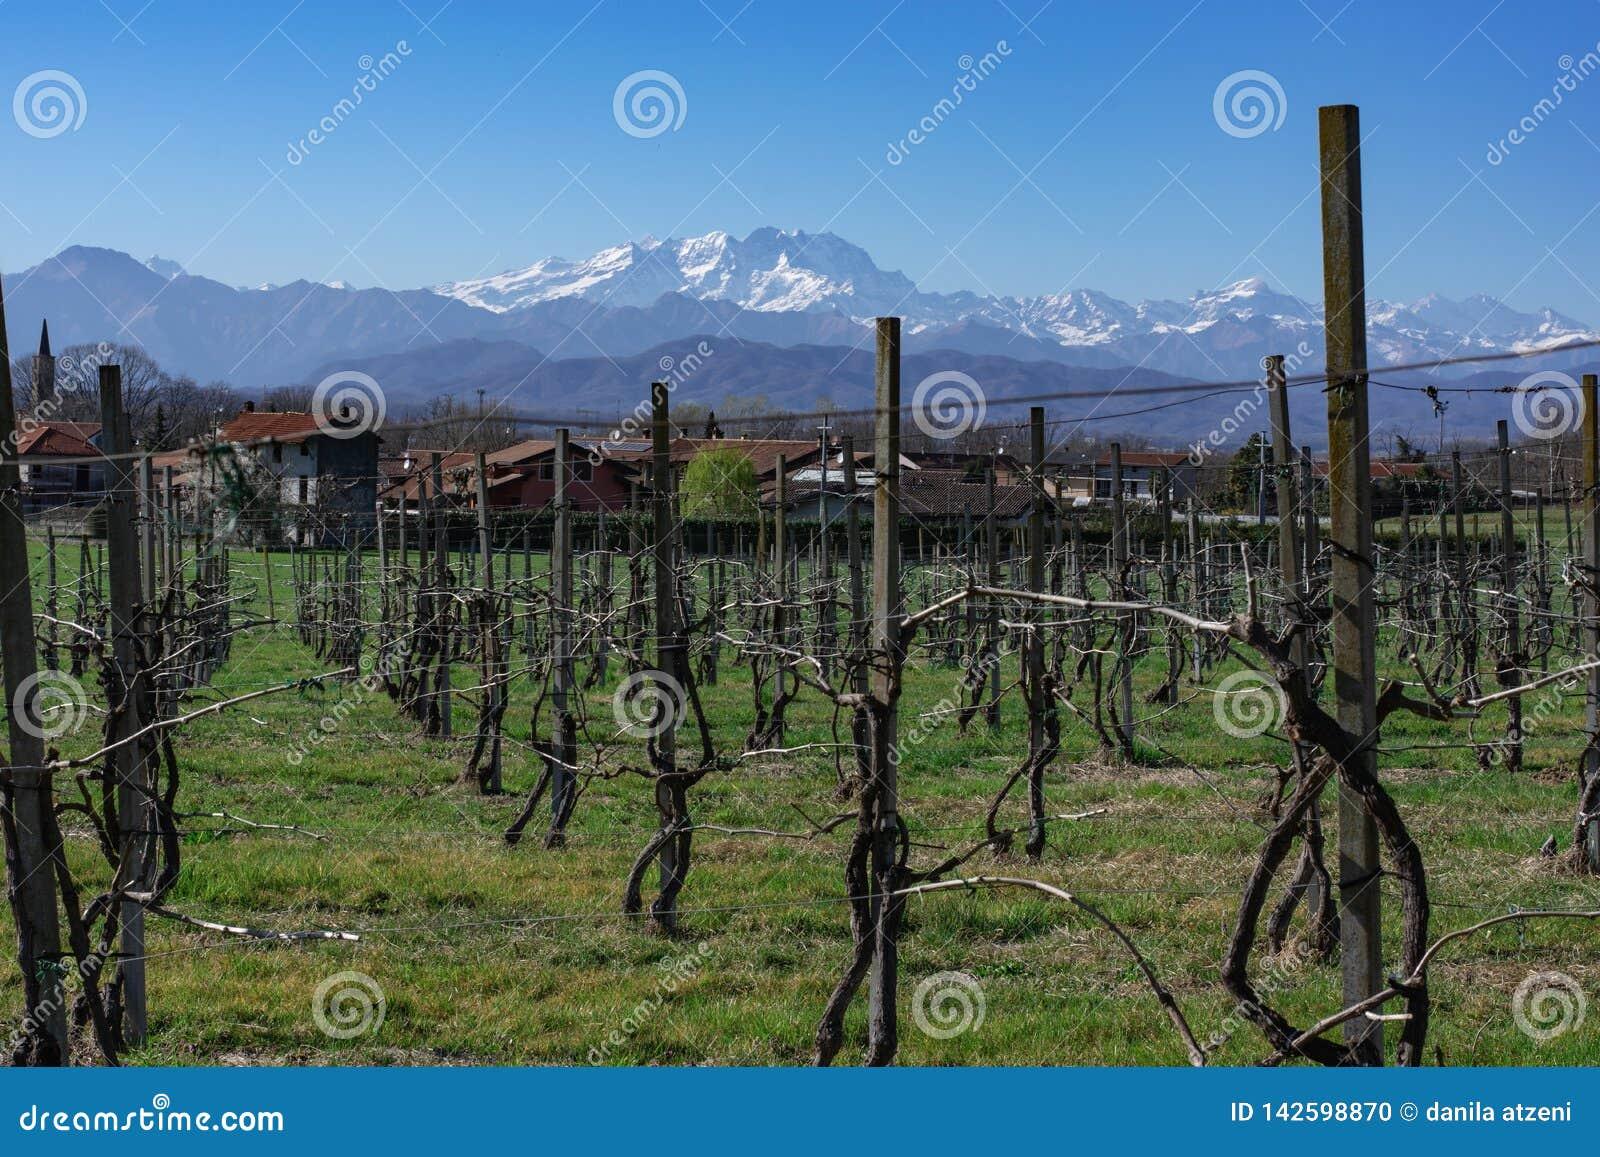 Italienischer Weinberg mit Alpen im Hintergrund